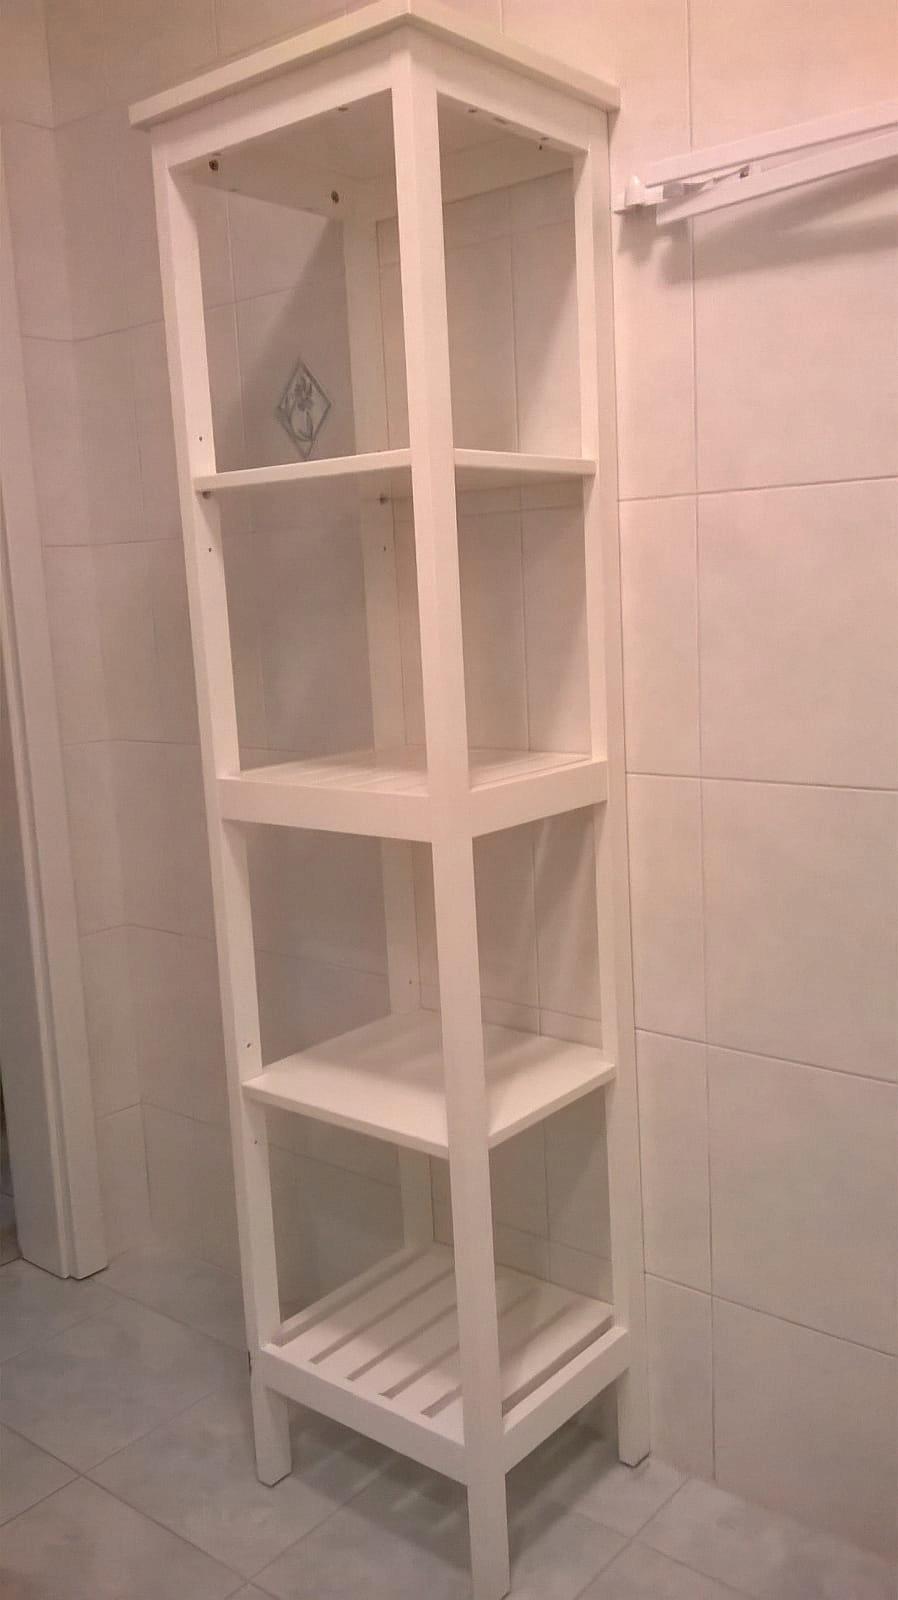 Drewniany Biały Regał Stojak Z Półkami Do łazienki